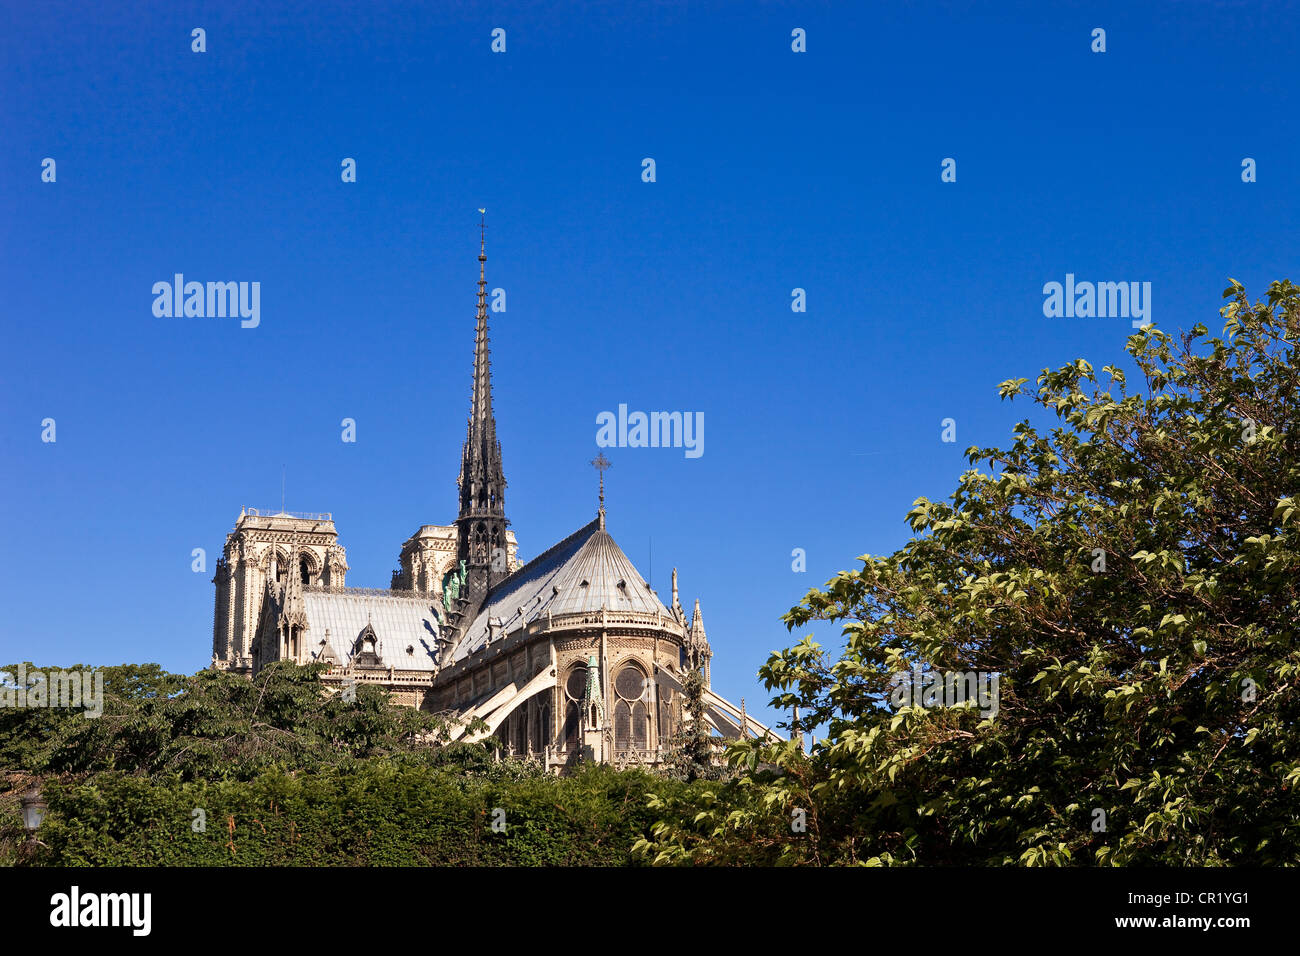 France, Paris, ile de la Cite, Notre-Dame de Paris cathedral - Stock Image